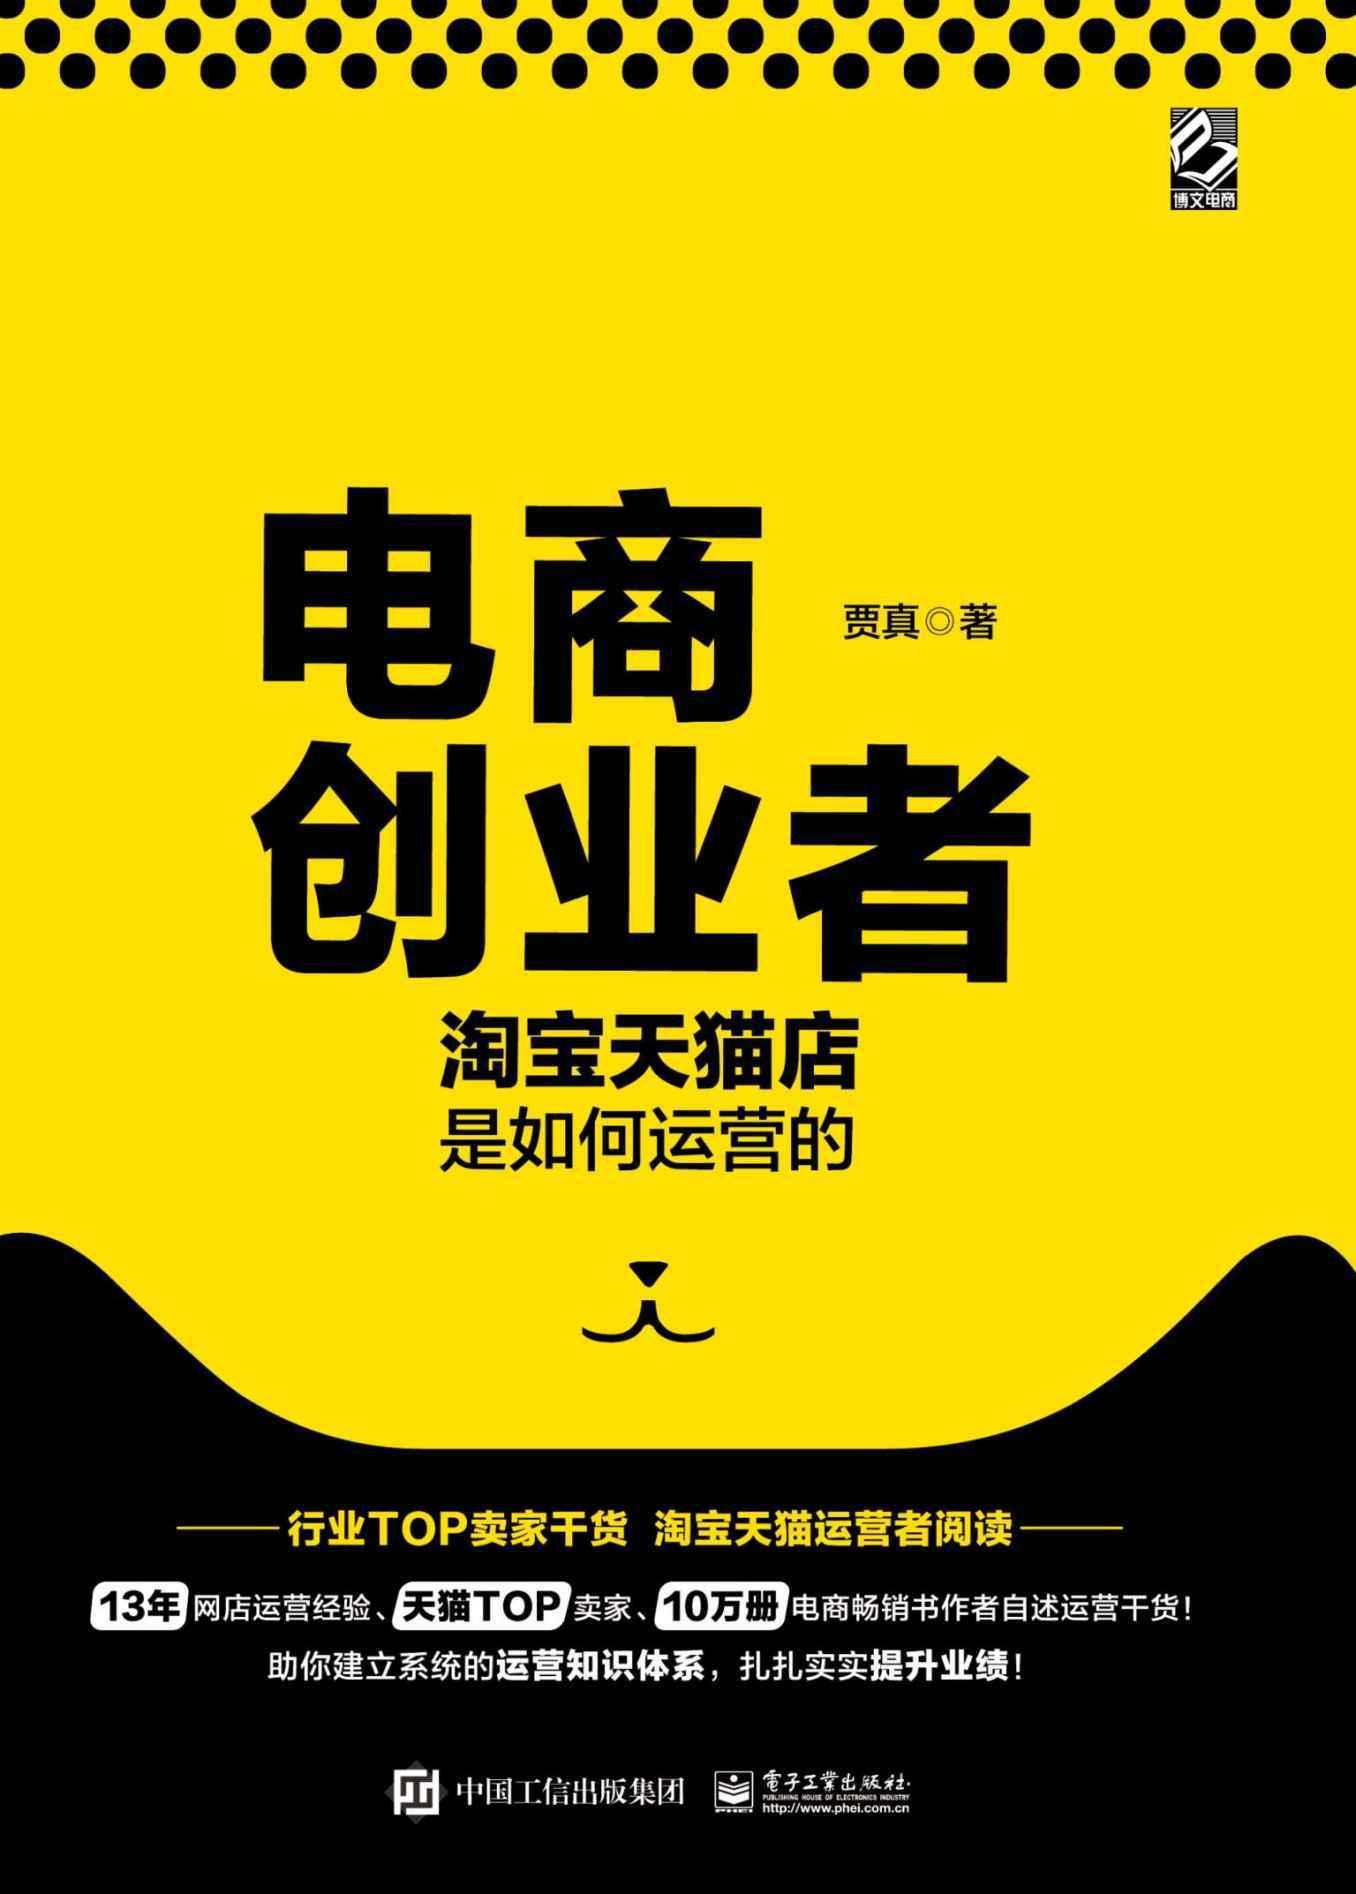 电商创业者:淘宝天猫店是如何运营的 贾真pdf-epub-mobi-txt-azw3